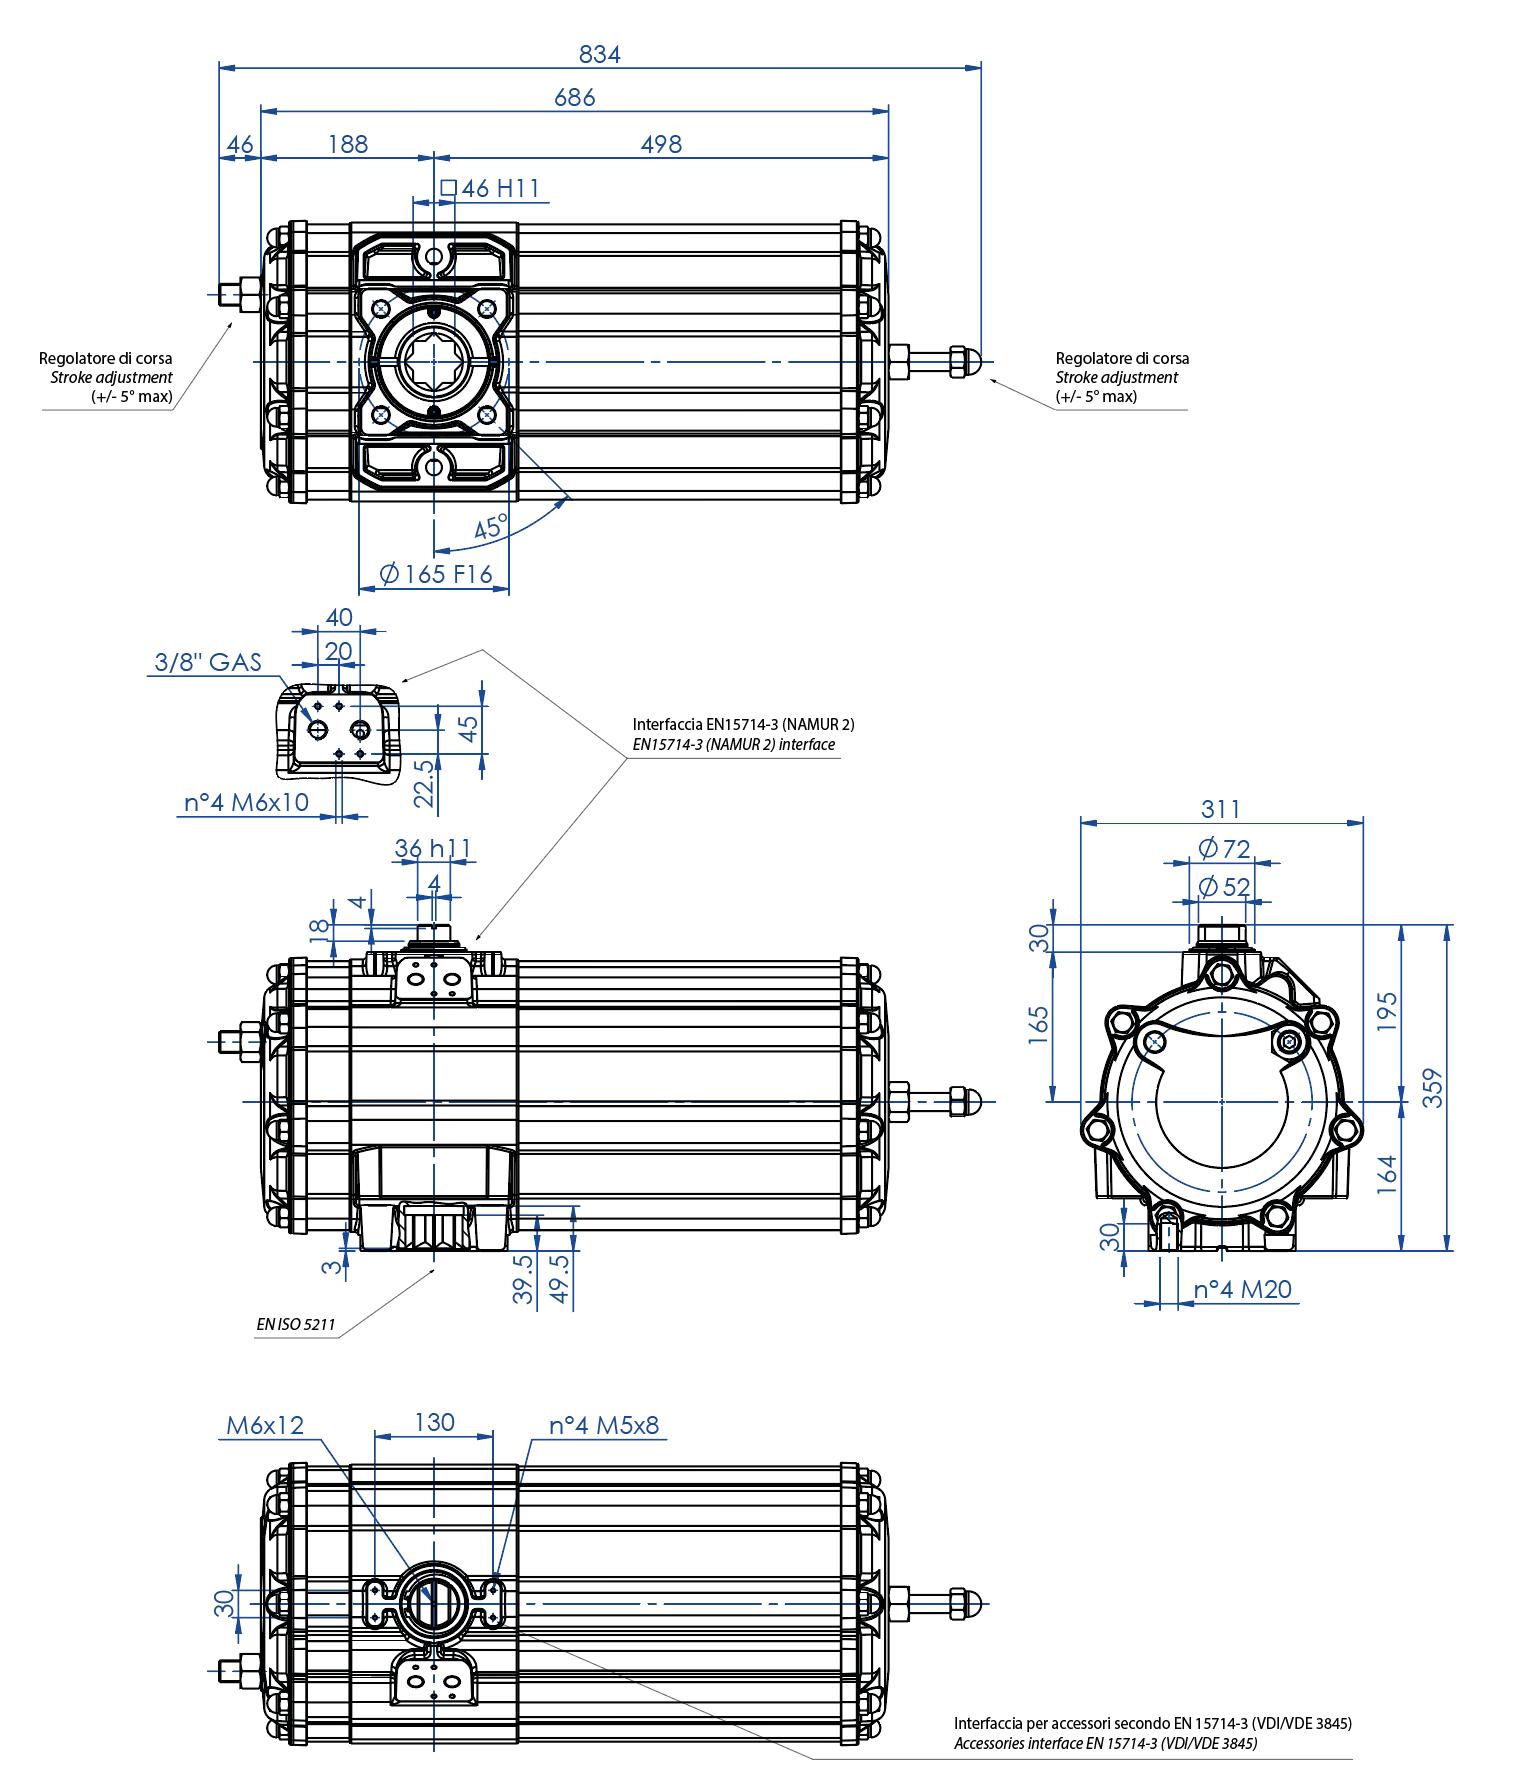 Attuatore pneumatico semplice effetto GS in alluminio - dimensioni - Attuatore pneumatico semplice effetto misura GS1440 (Nm)